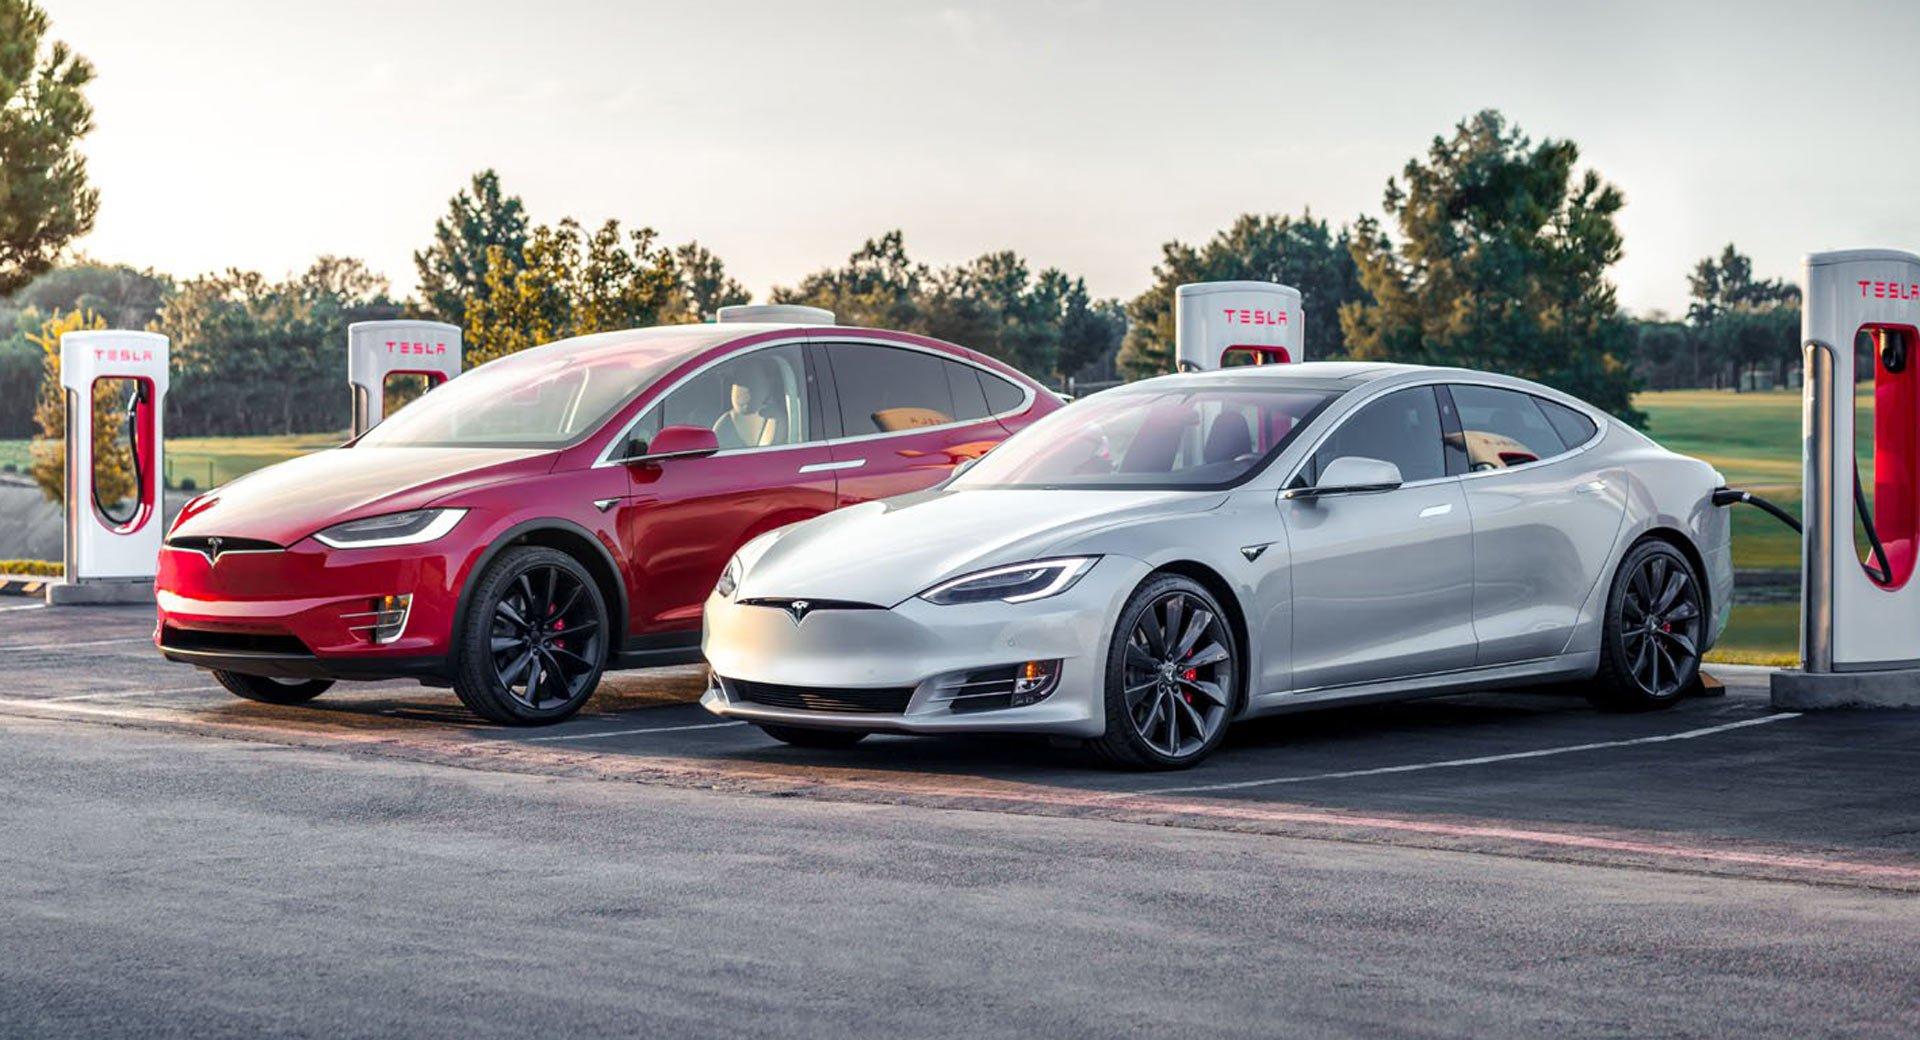 Tu Tesla ya puede detectar averías automáticamente y pedir repuestos de forma autónoma